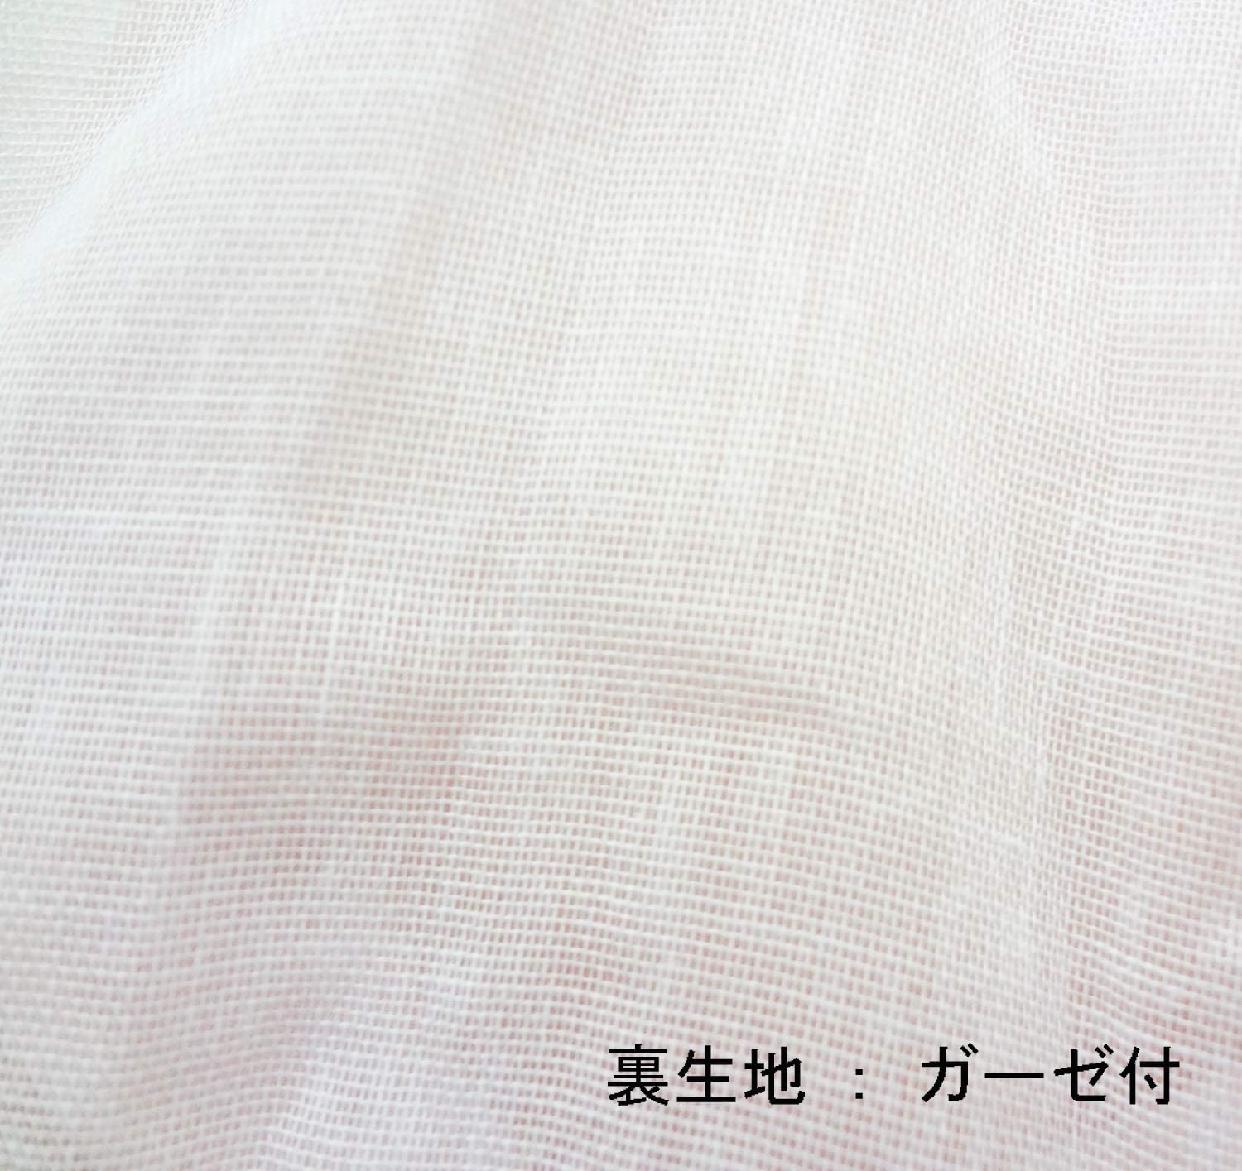 東和産業 SPA シャワーキャップ 裏ガーゼ付の商品画像5